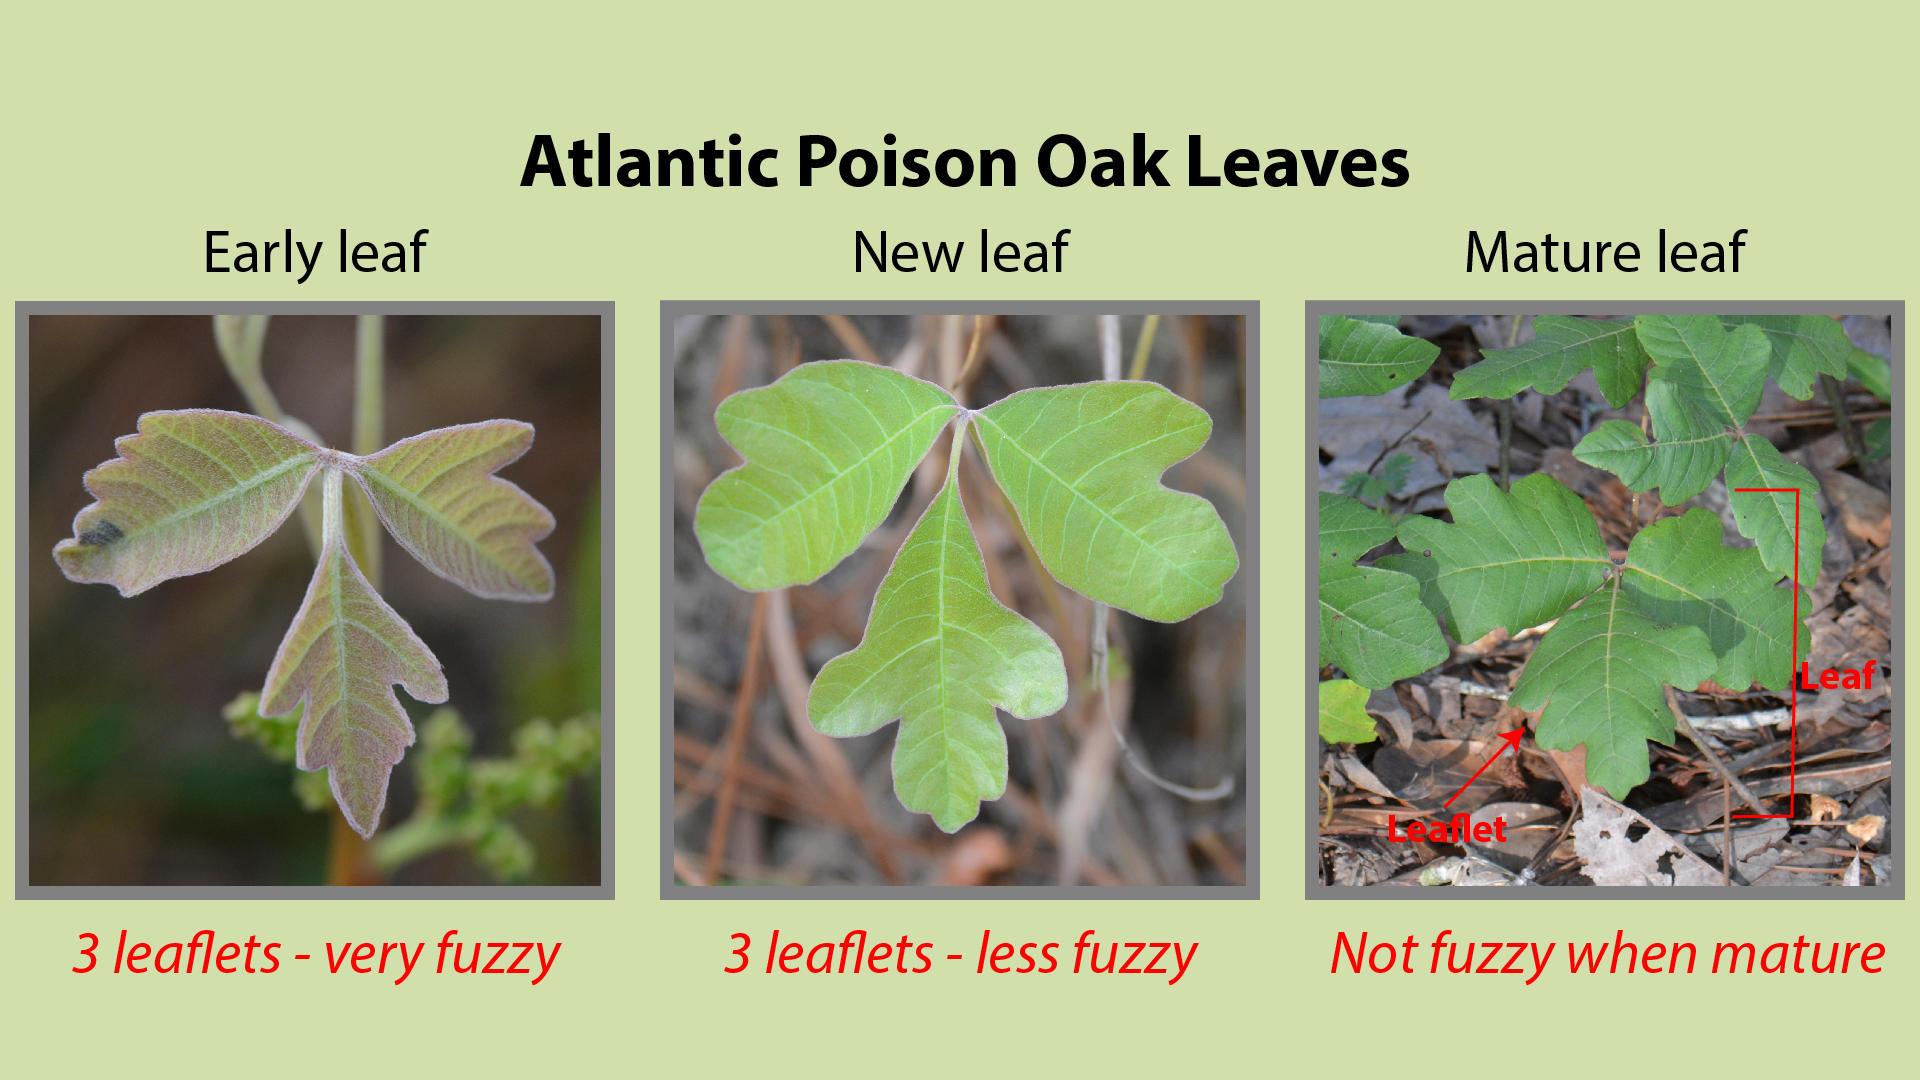 Atlantic Poison Oak Leaves